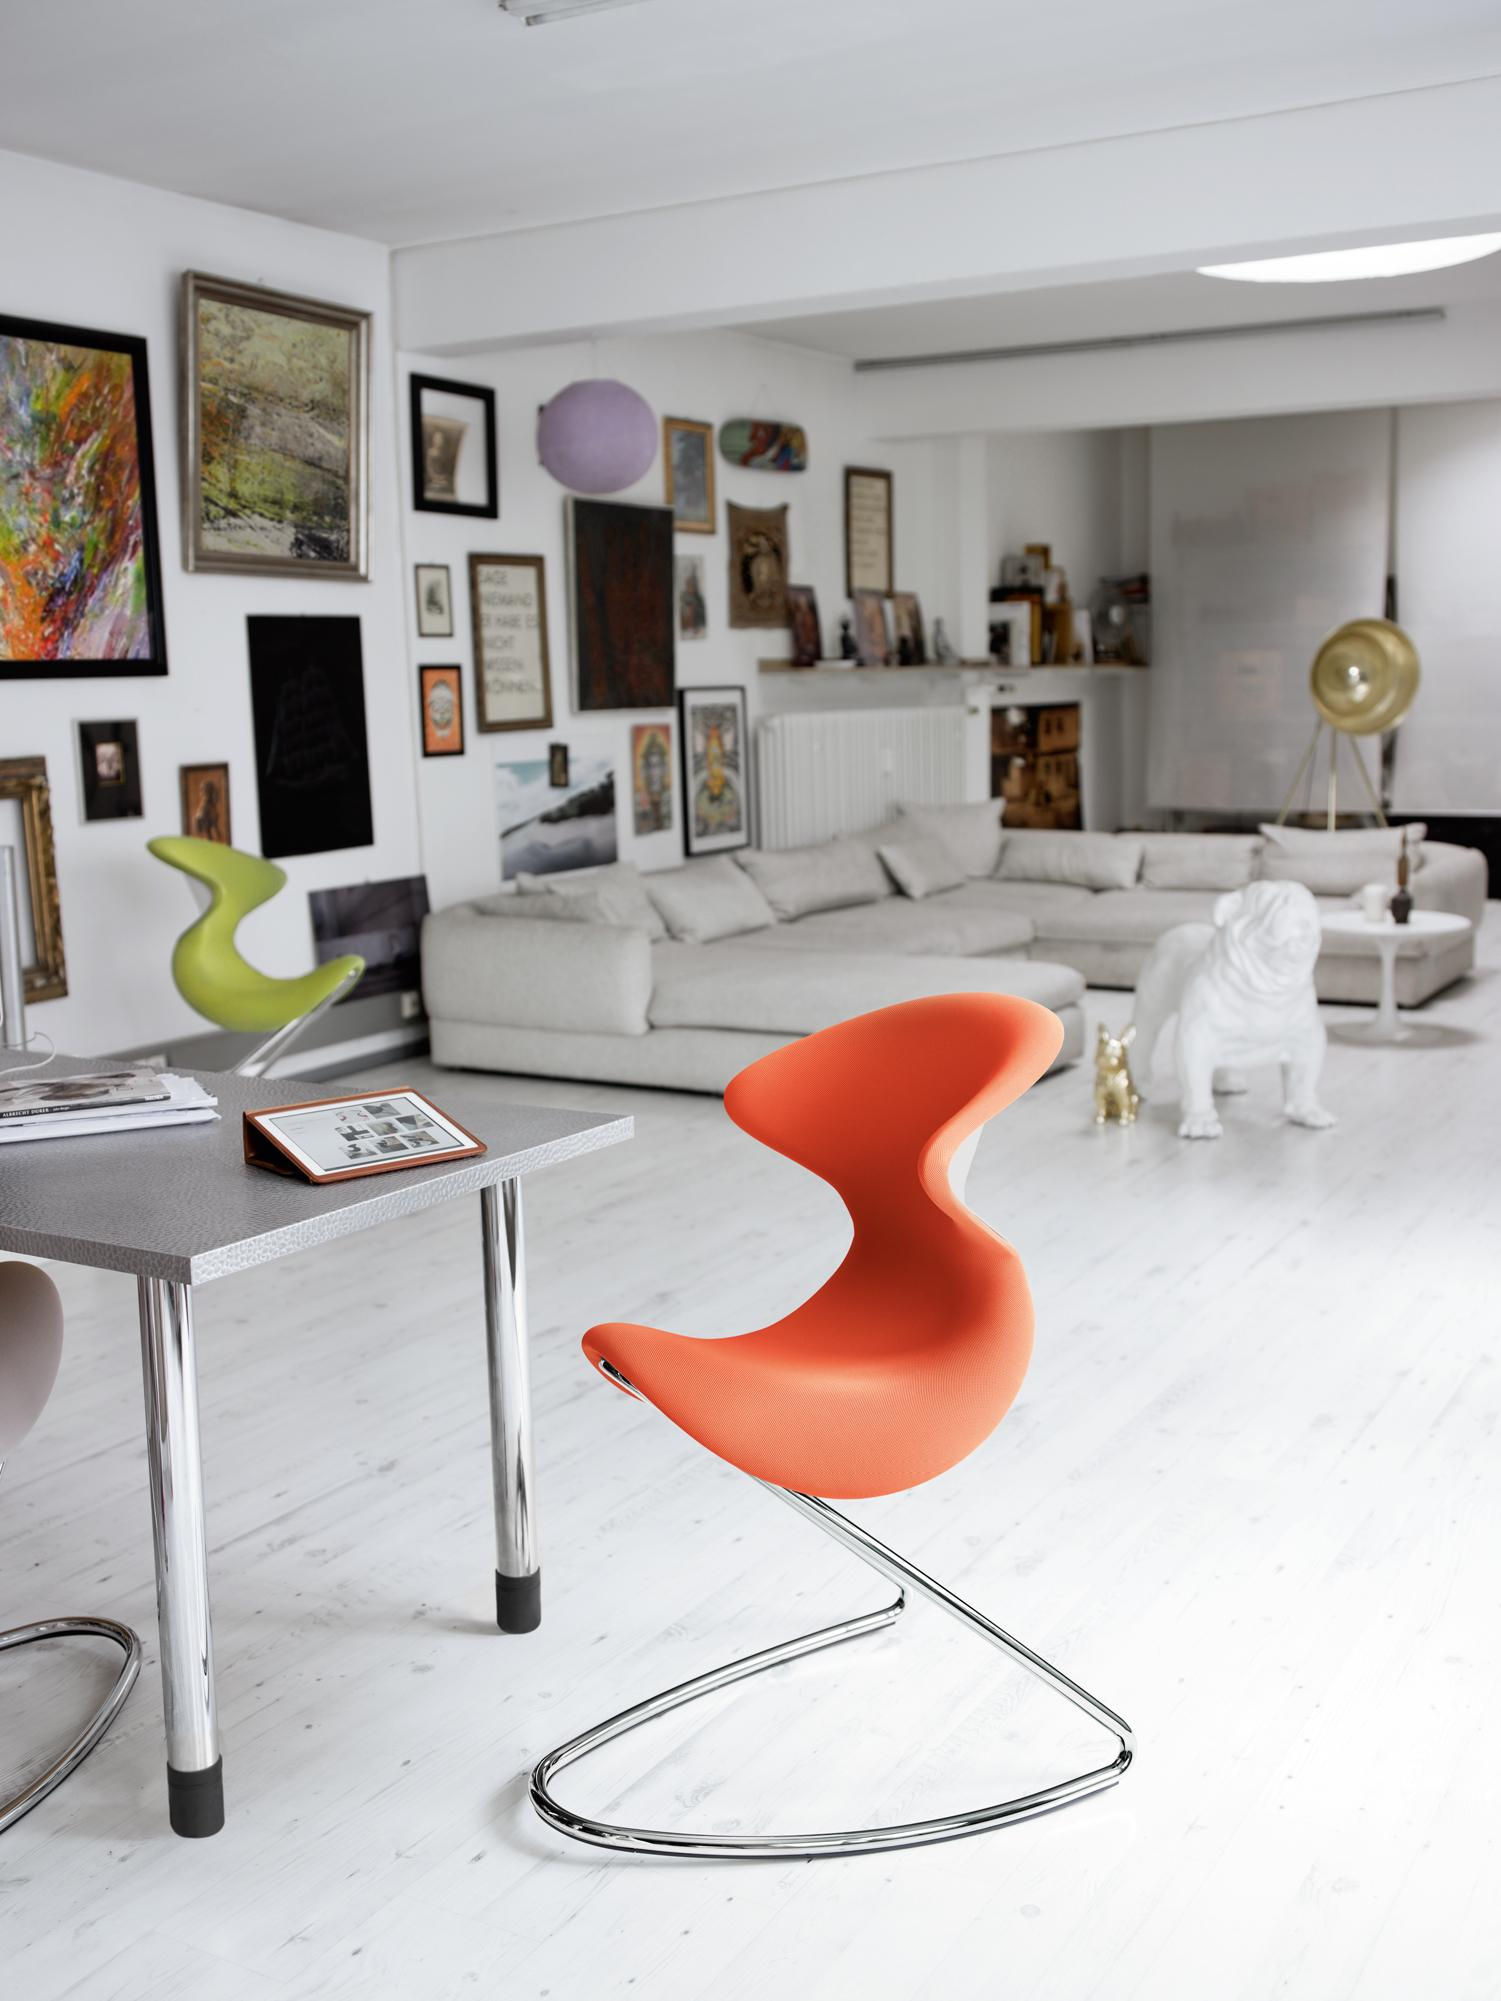 Modernes Wohnzimmer Für Hundeliebhaber #bürostuhl #zimmergestaltung ©aeris  GmbH, Fotograf: Thomas Jape